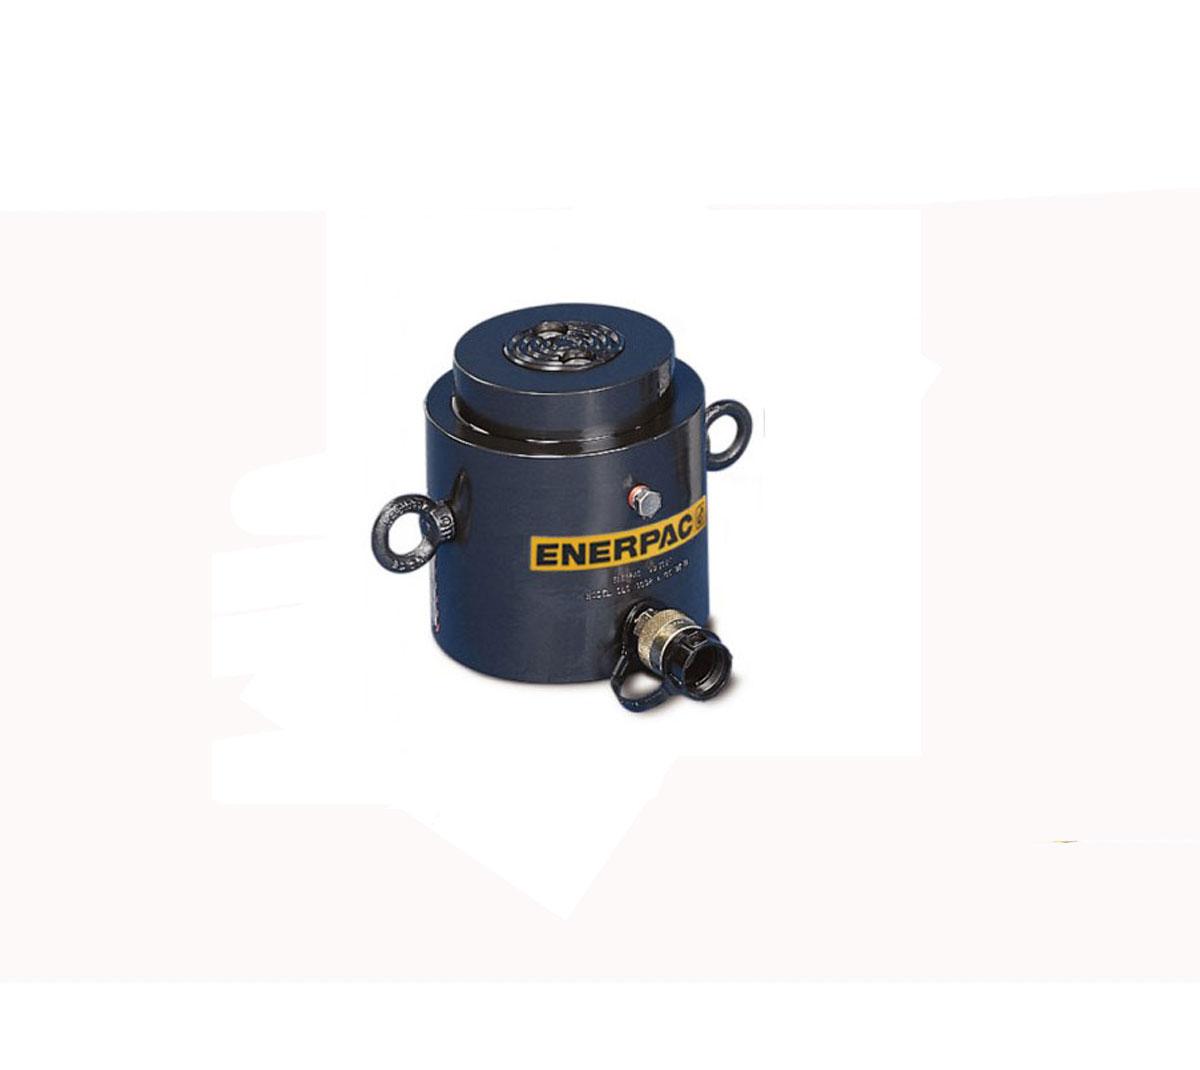 enerpac-cls10010-hydraulic-cylinder-rental